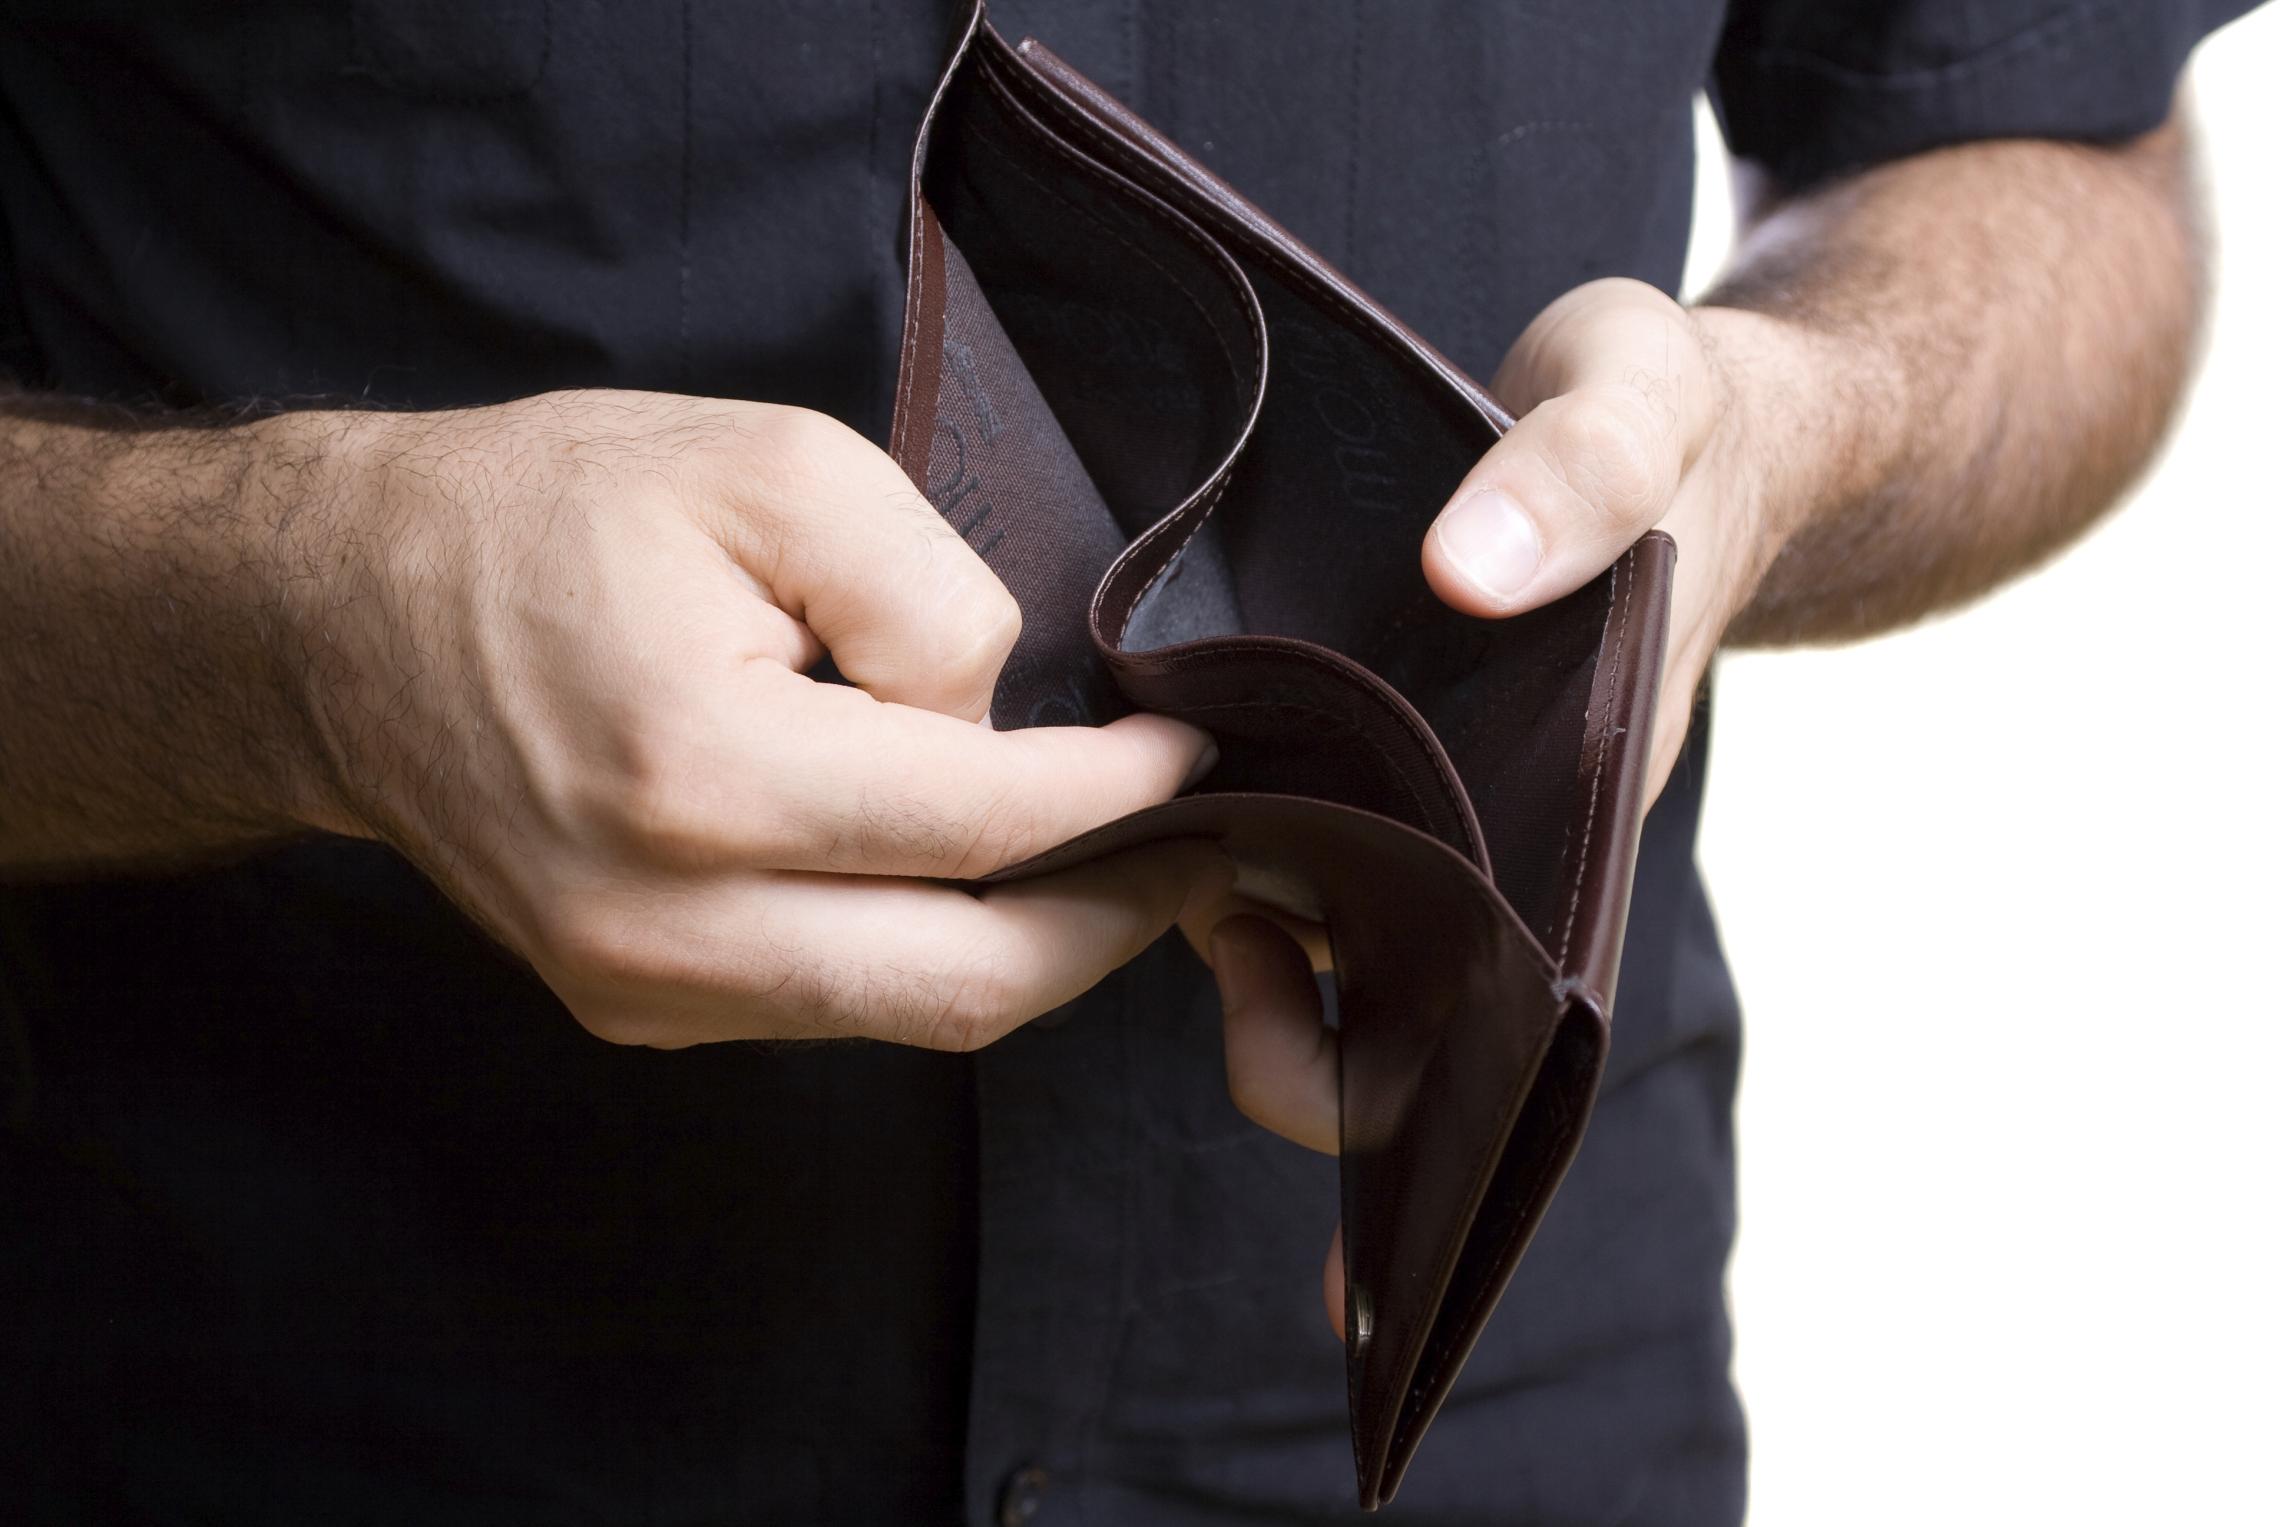 Գումար չի եղել՝ չեն ծախսել․ «Ժողովուրդ»